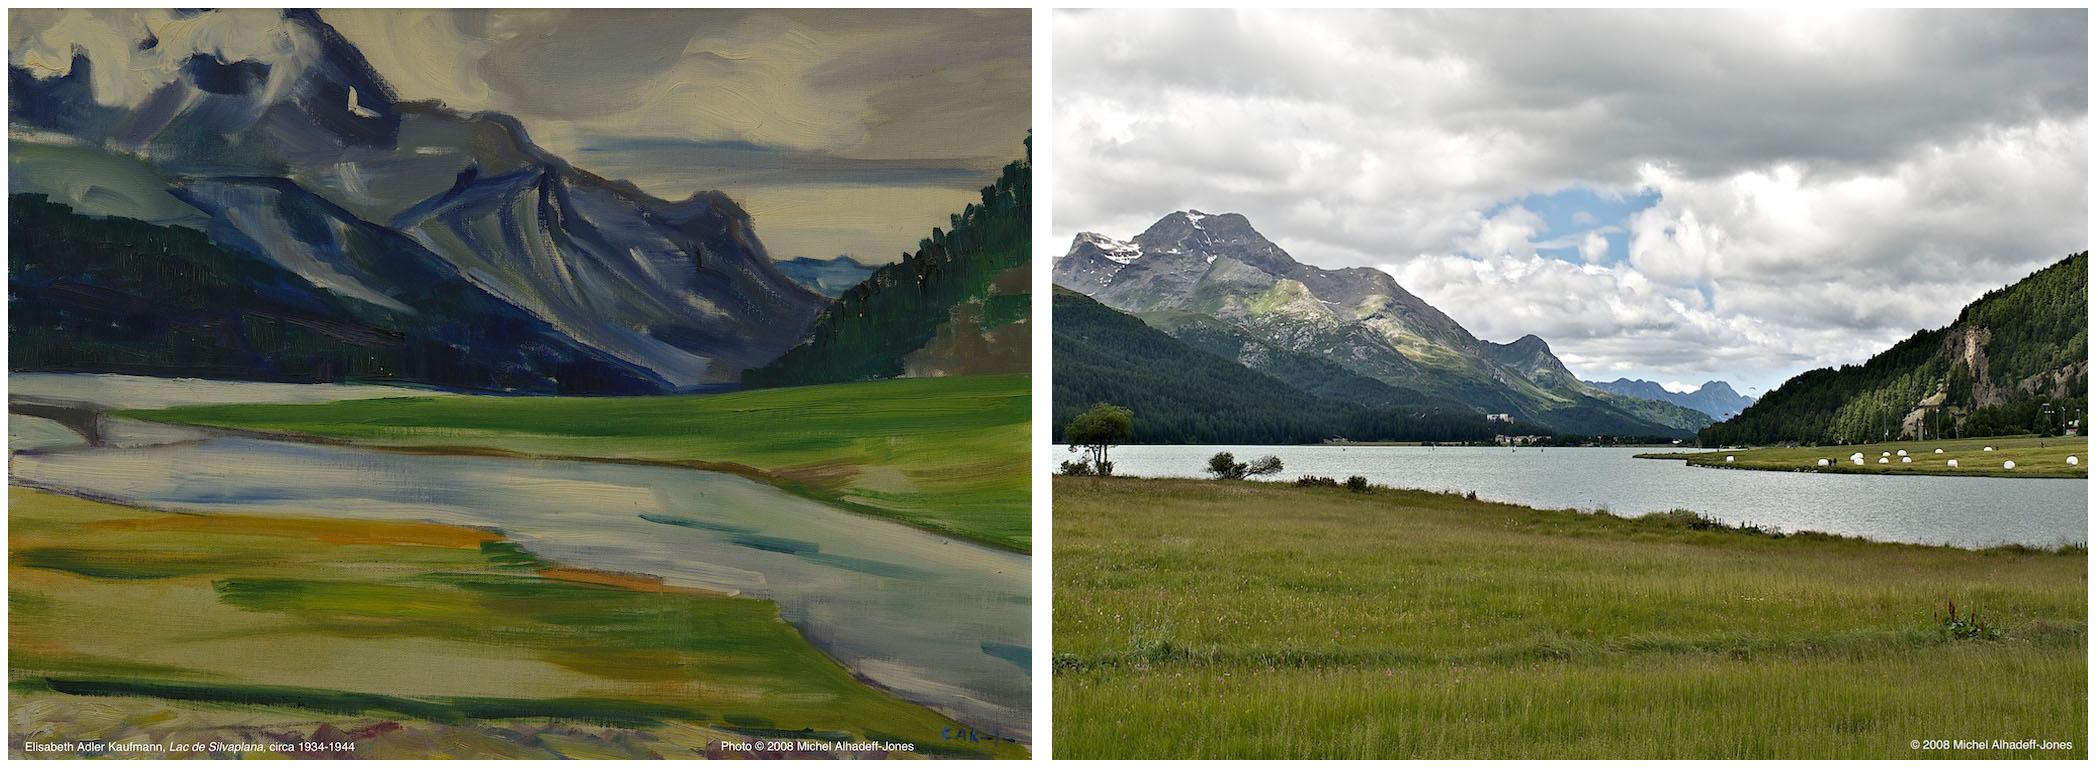 Lac de Silvaplana, circa 1934-44 / 2008